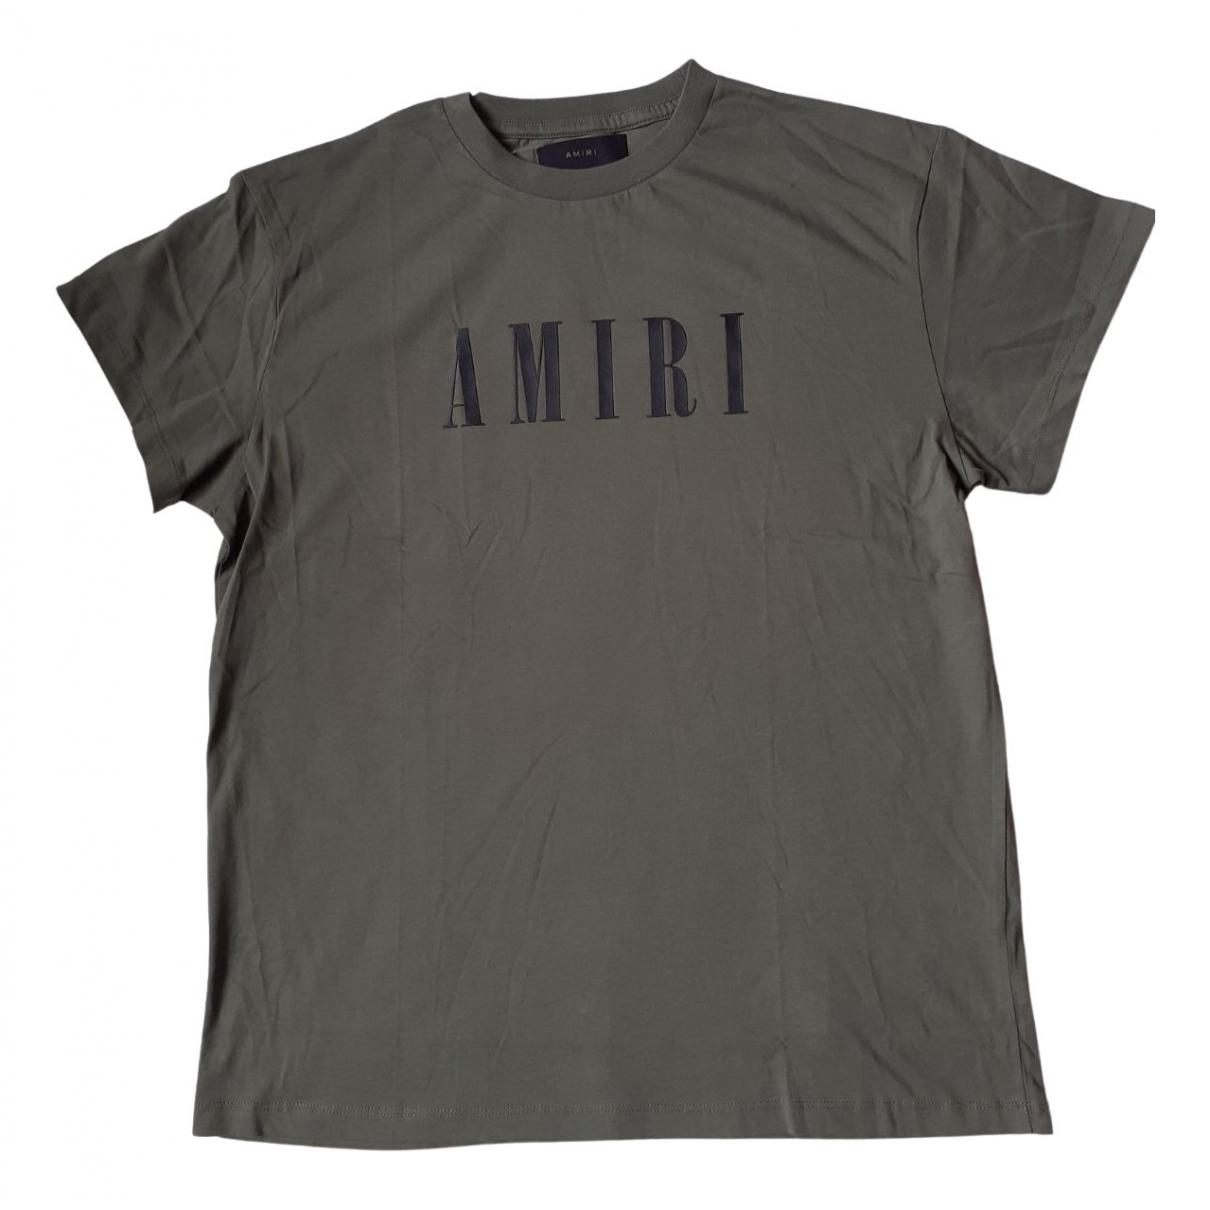 Amiri Khaki Cotton T-shirt